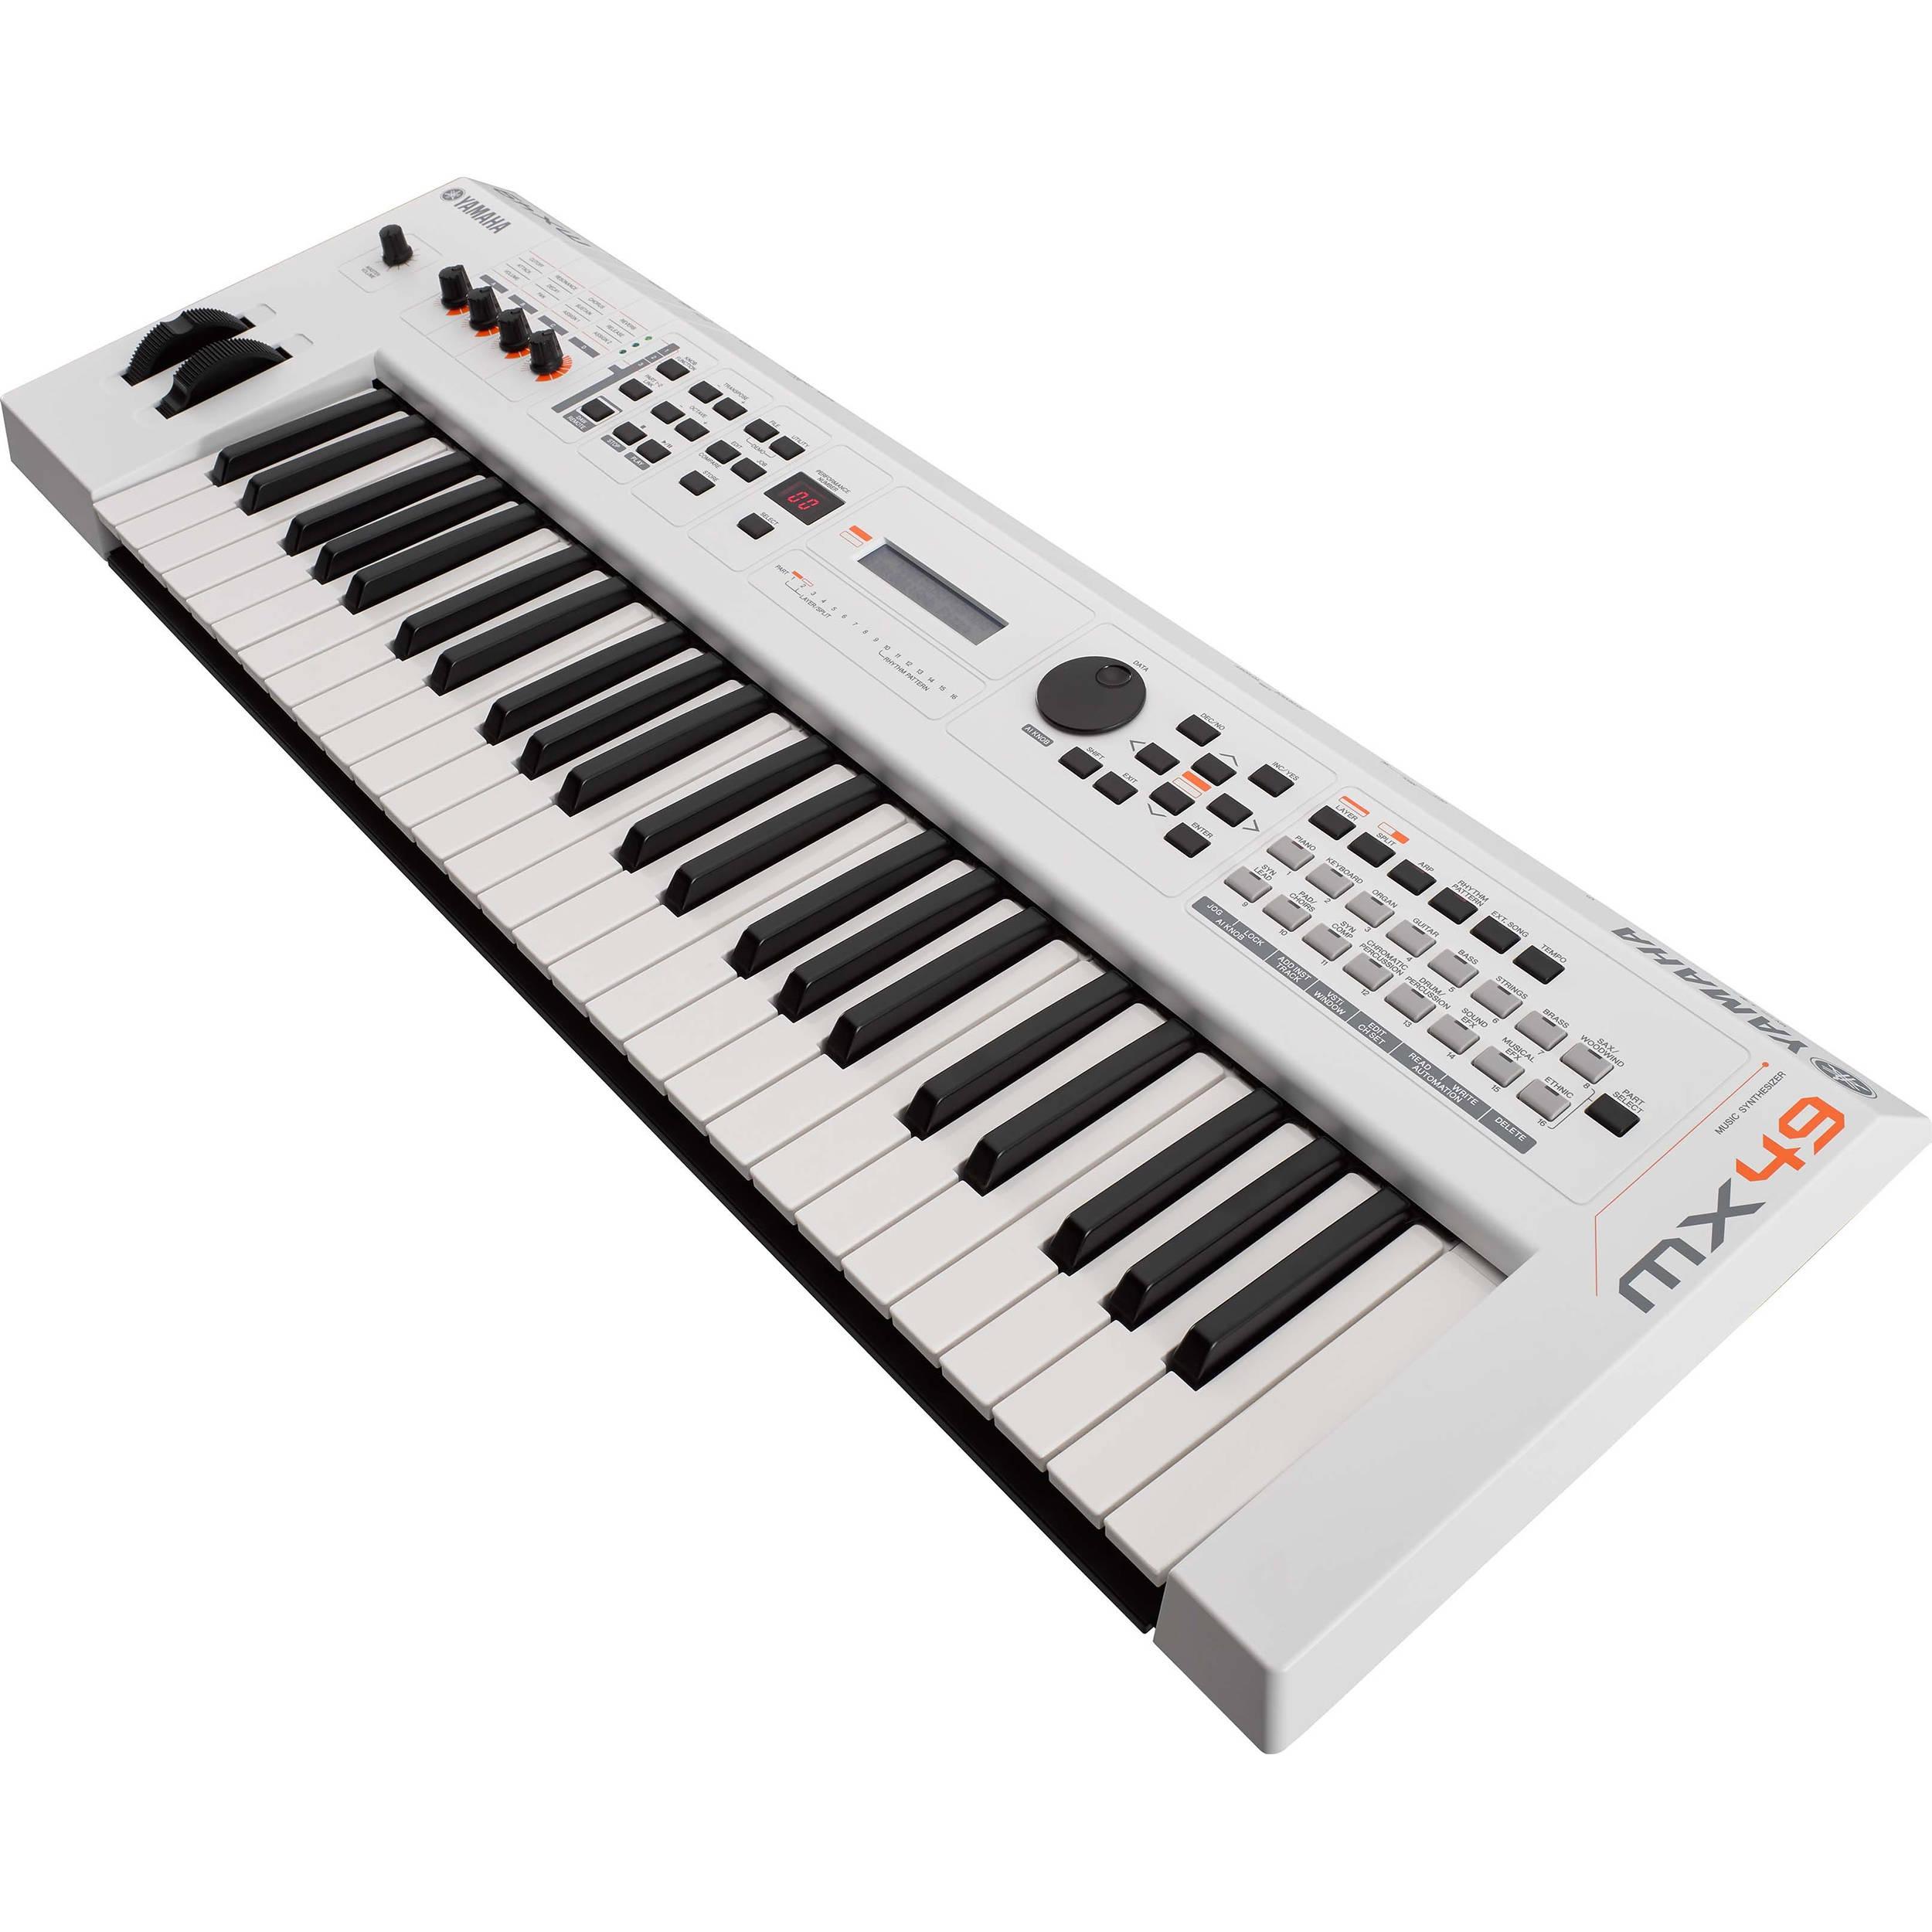 Yamaha MX49 v2 Music Production Synthesizer (Limited-Edition White)